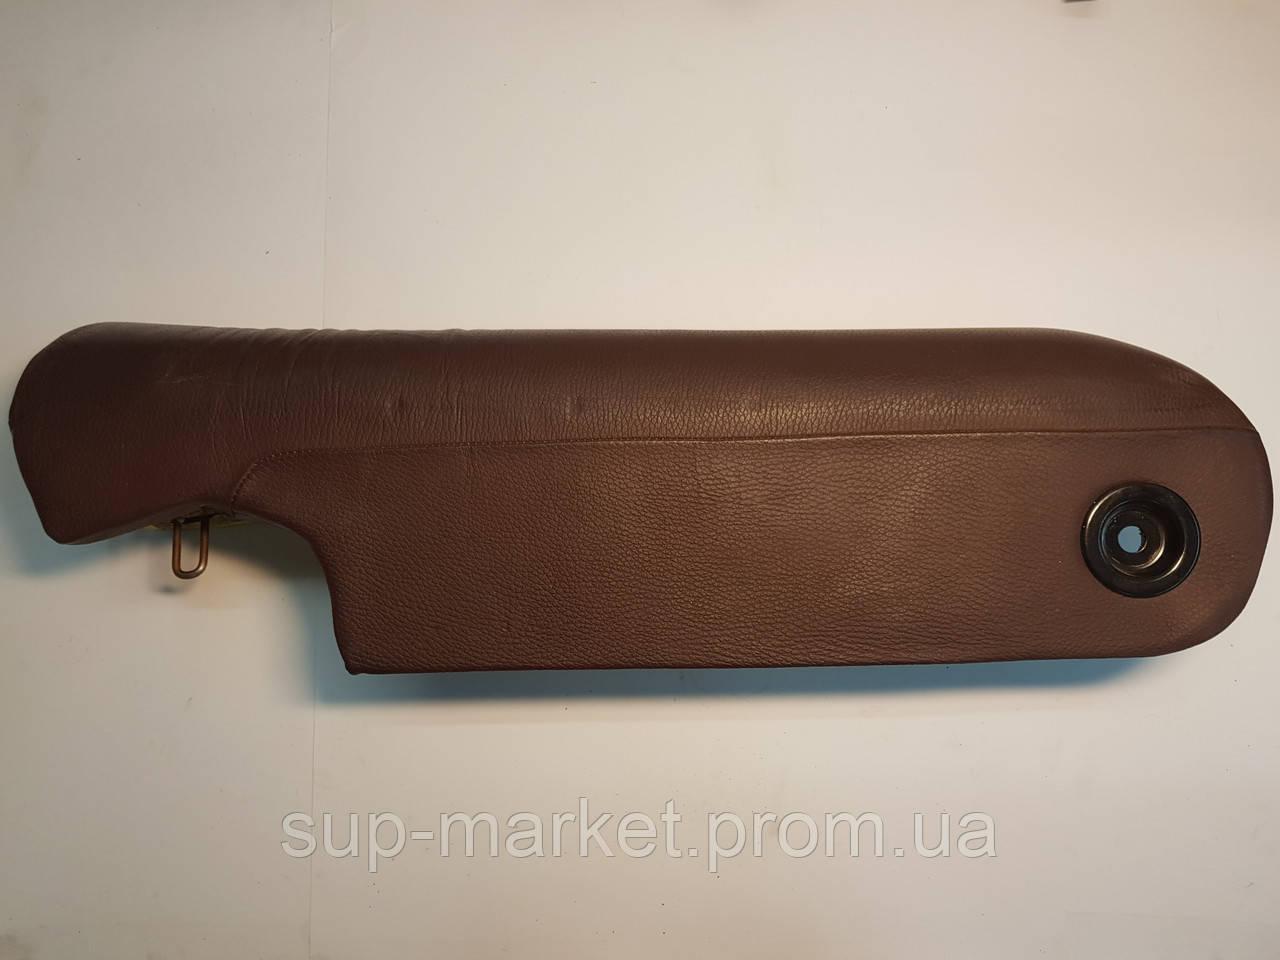 4B9885704K 4UKS Боковые накладки для заднего сиденья для VAG A6 C5 2.5TDI 1997-2004